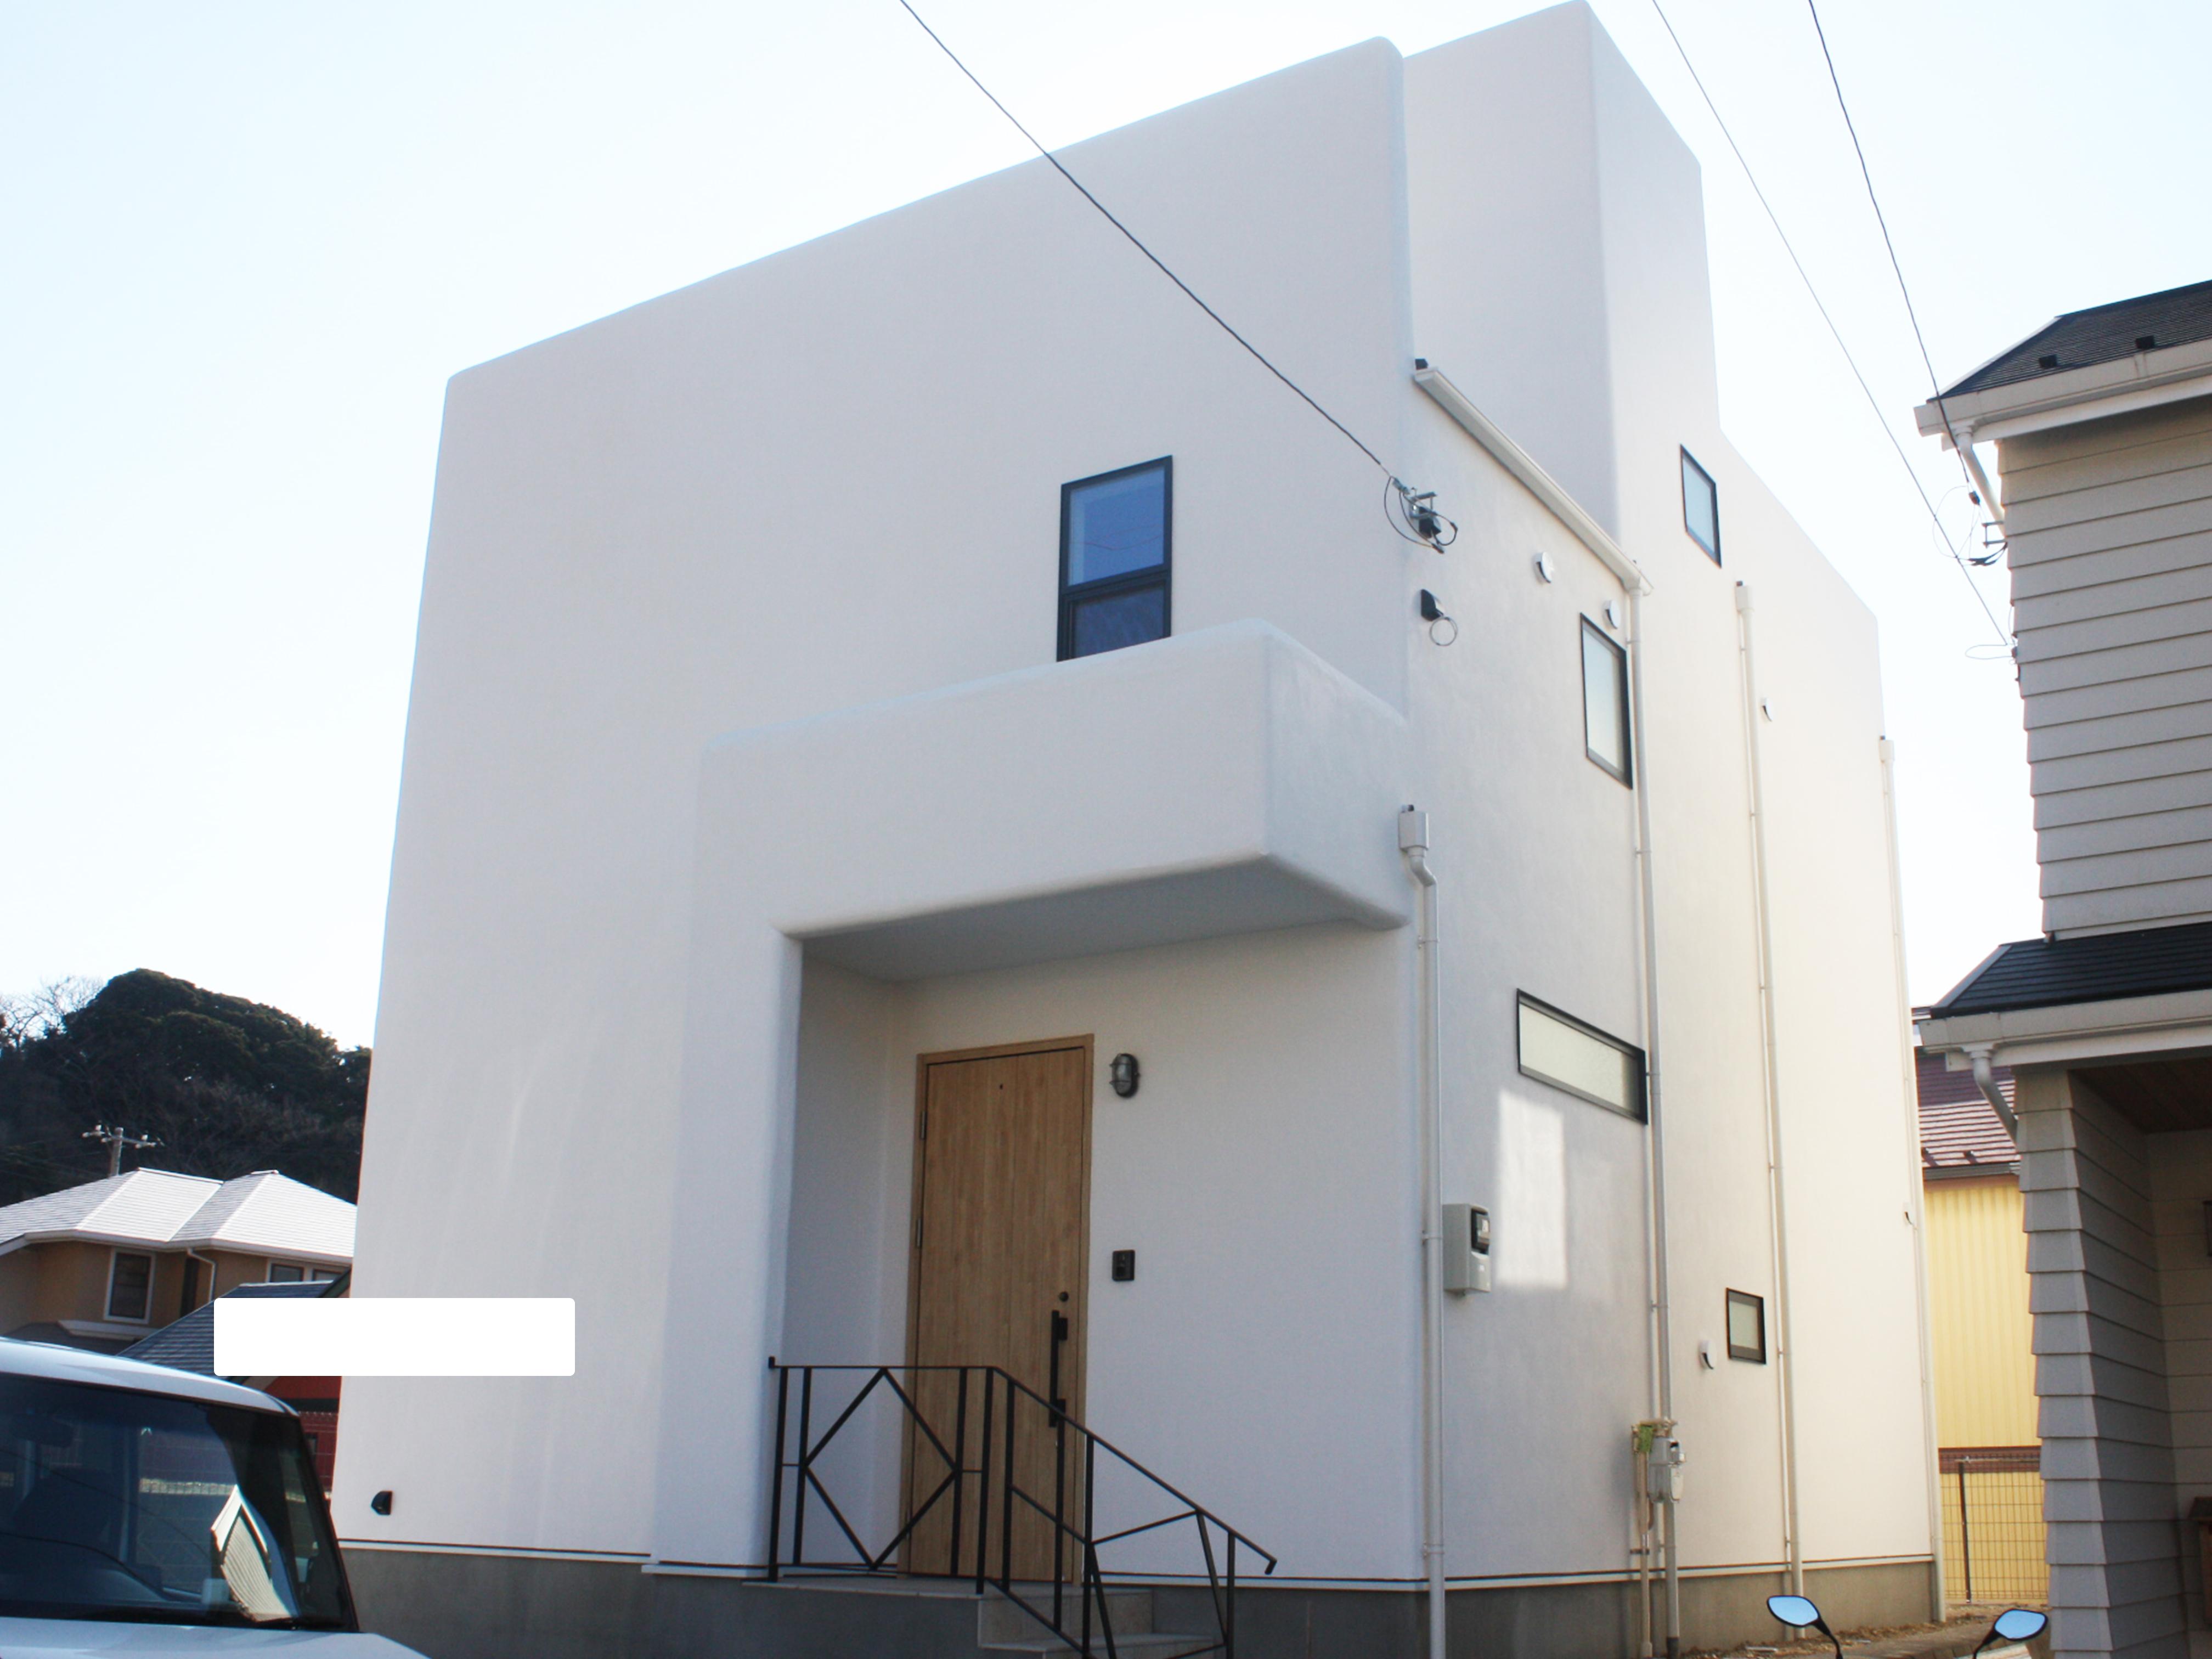 横須賀市野比 海の見える家 〜犬が走るよどこまでも オーナー Y 様の声